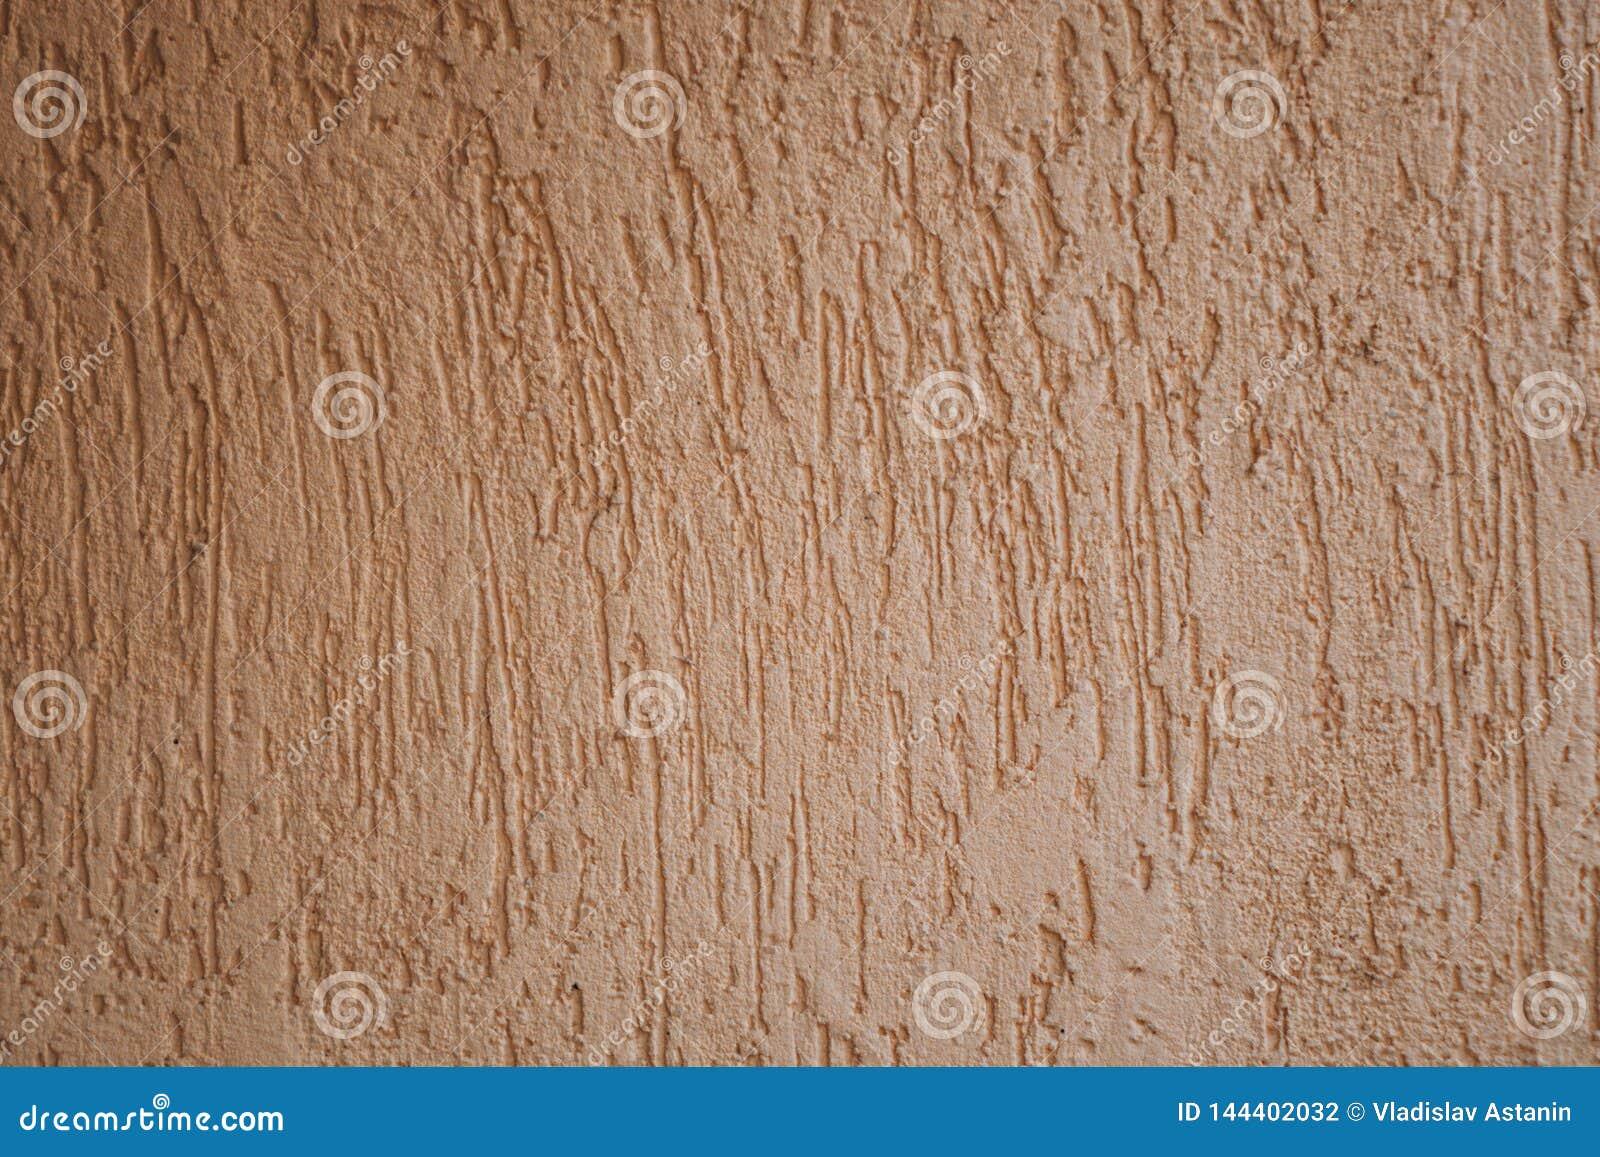 布朗铁背景纹理摘要生锈的墙壁